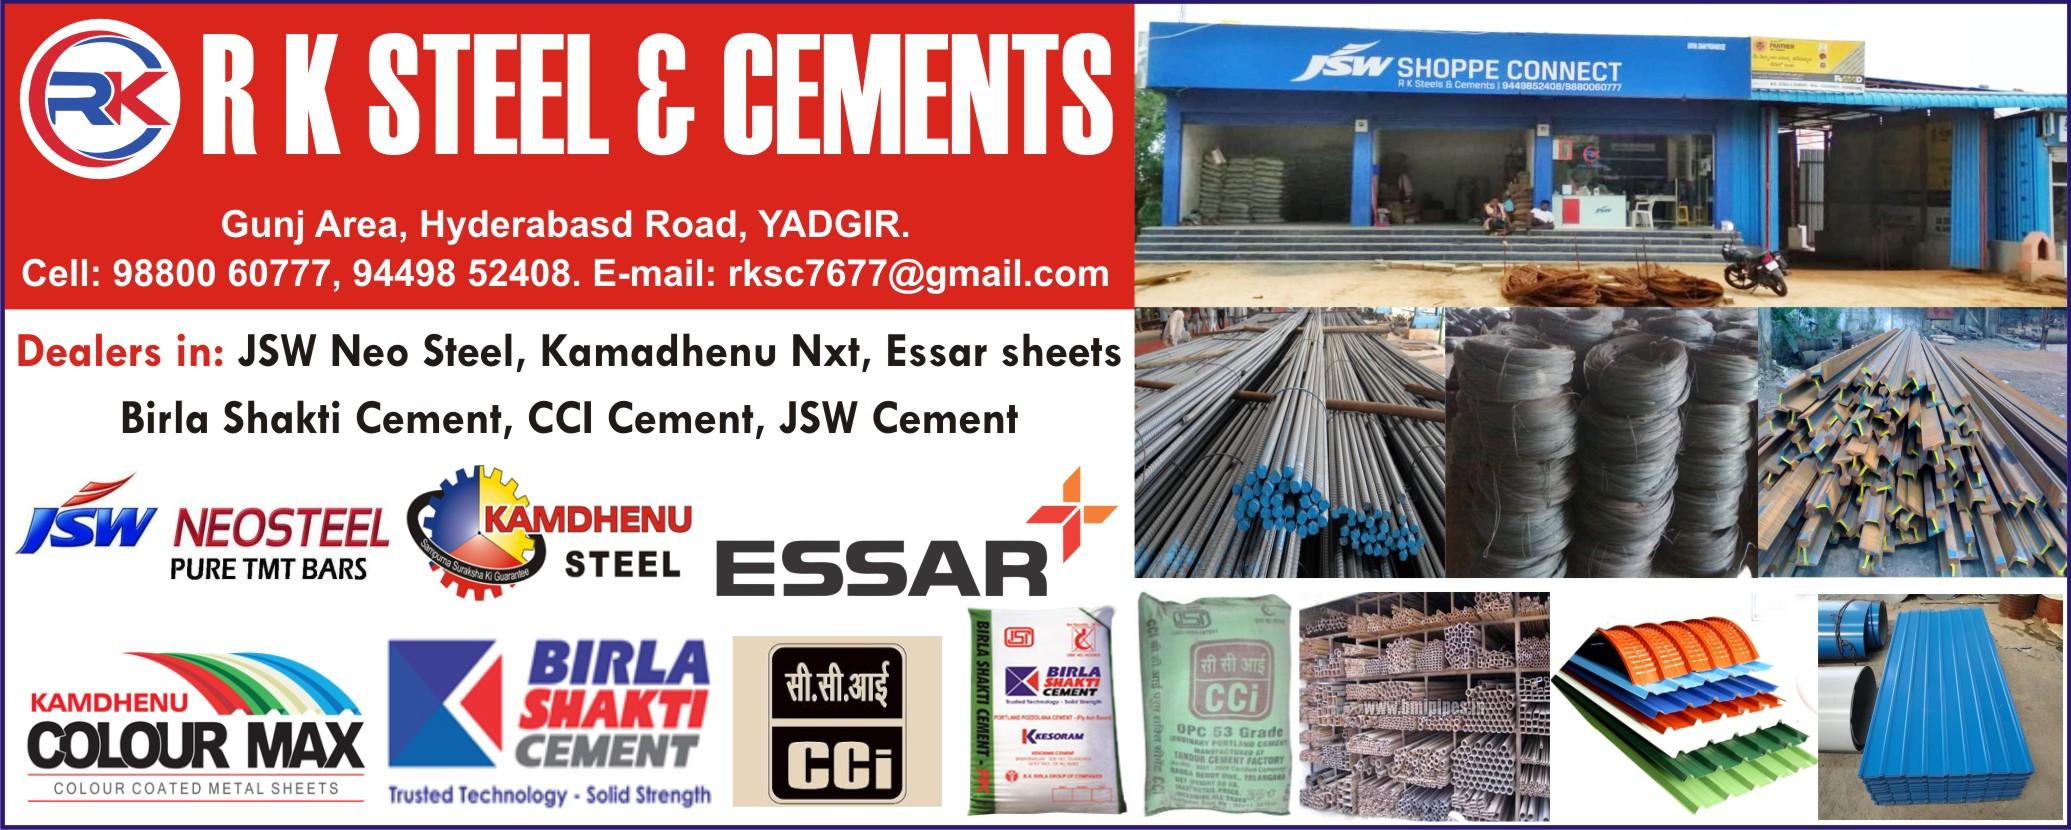 R K Steel & Cements